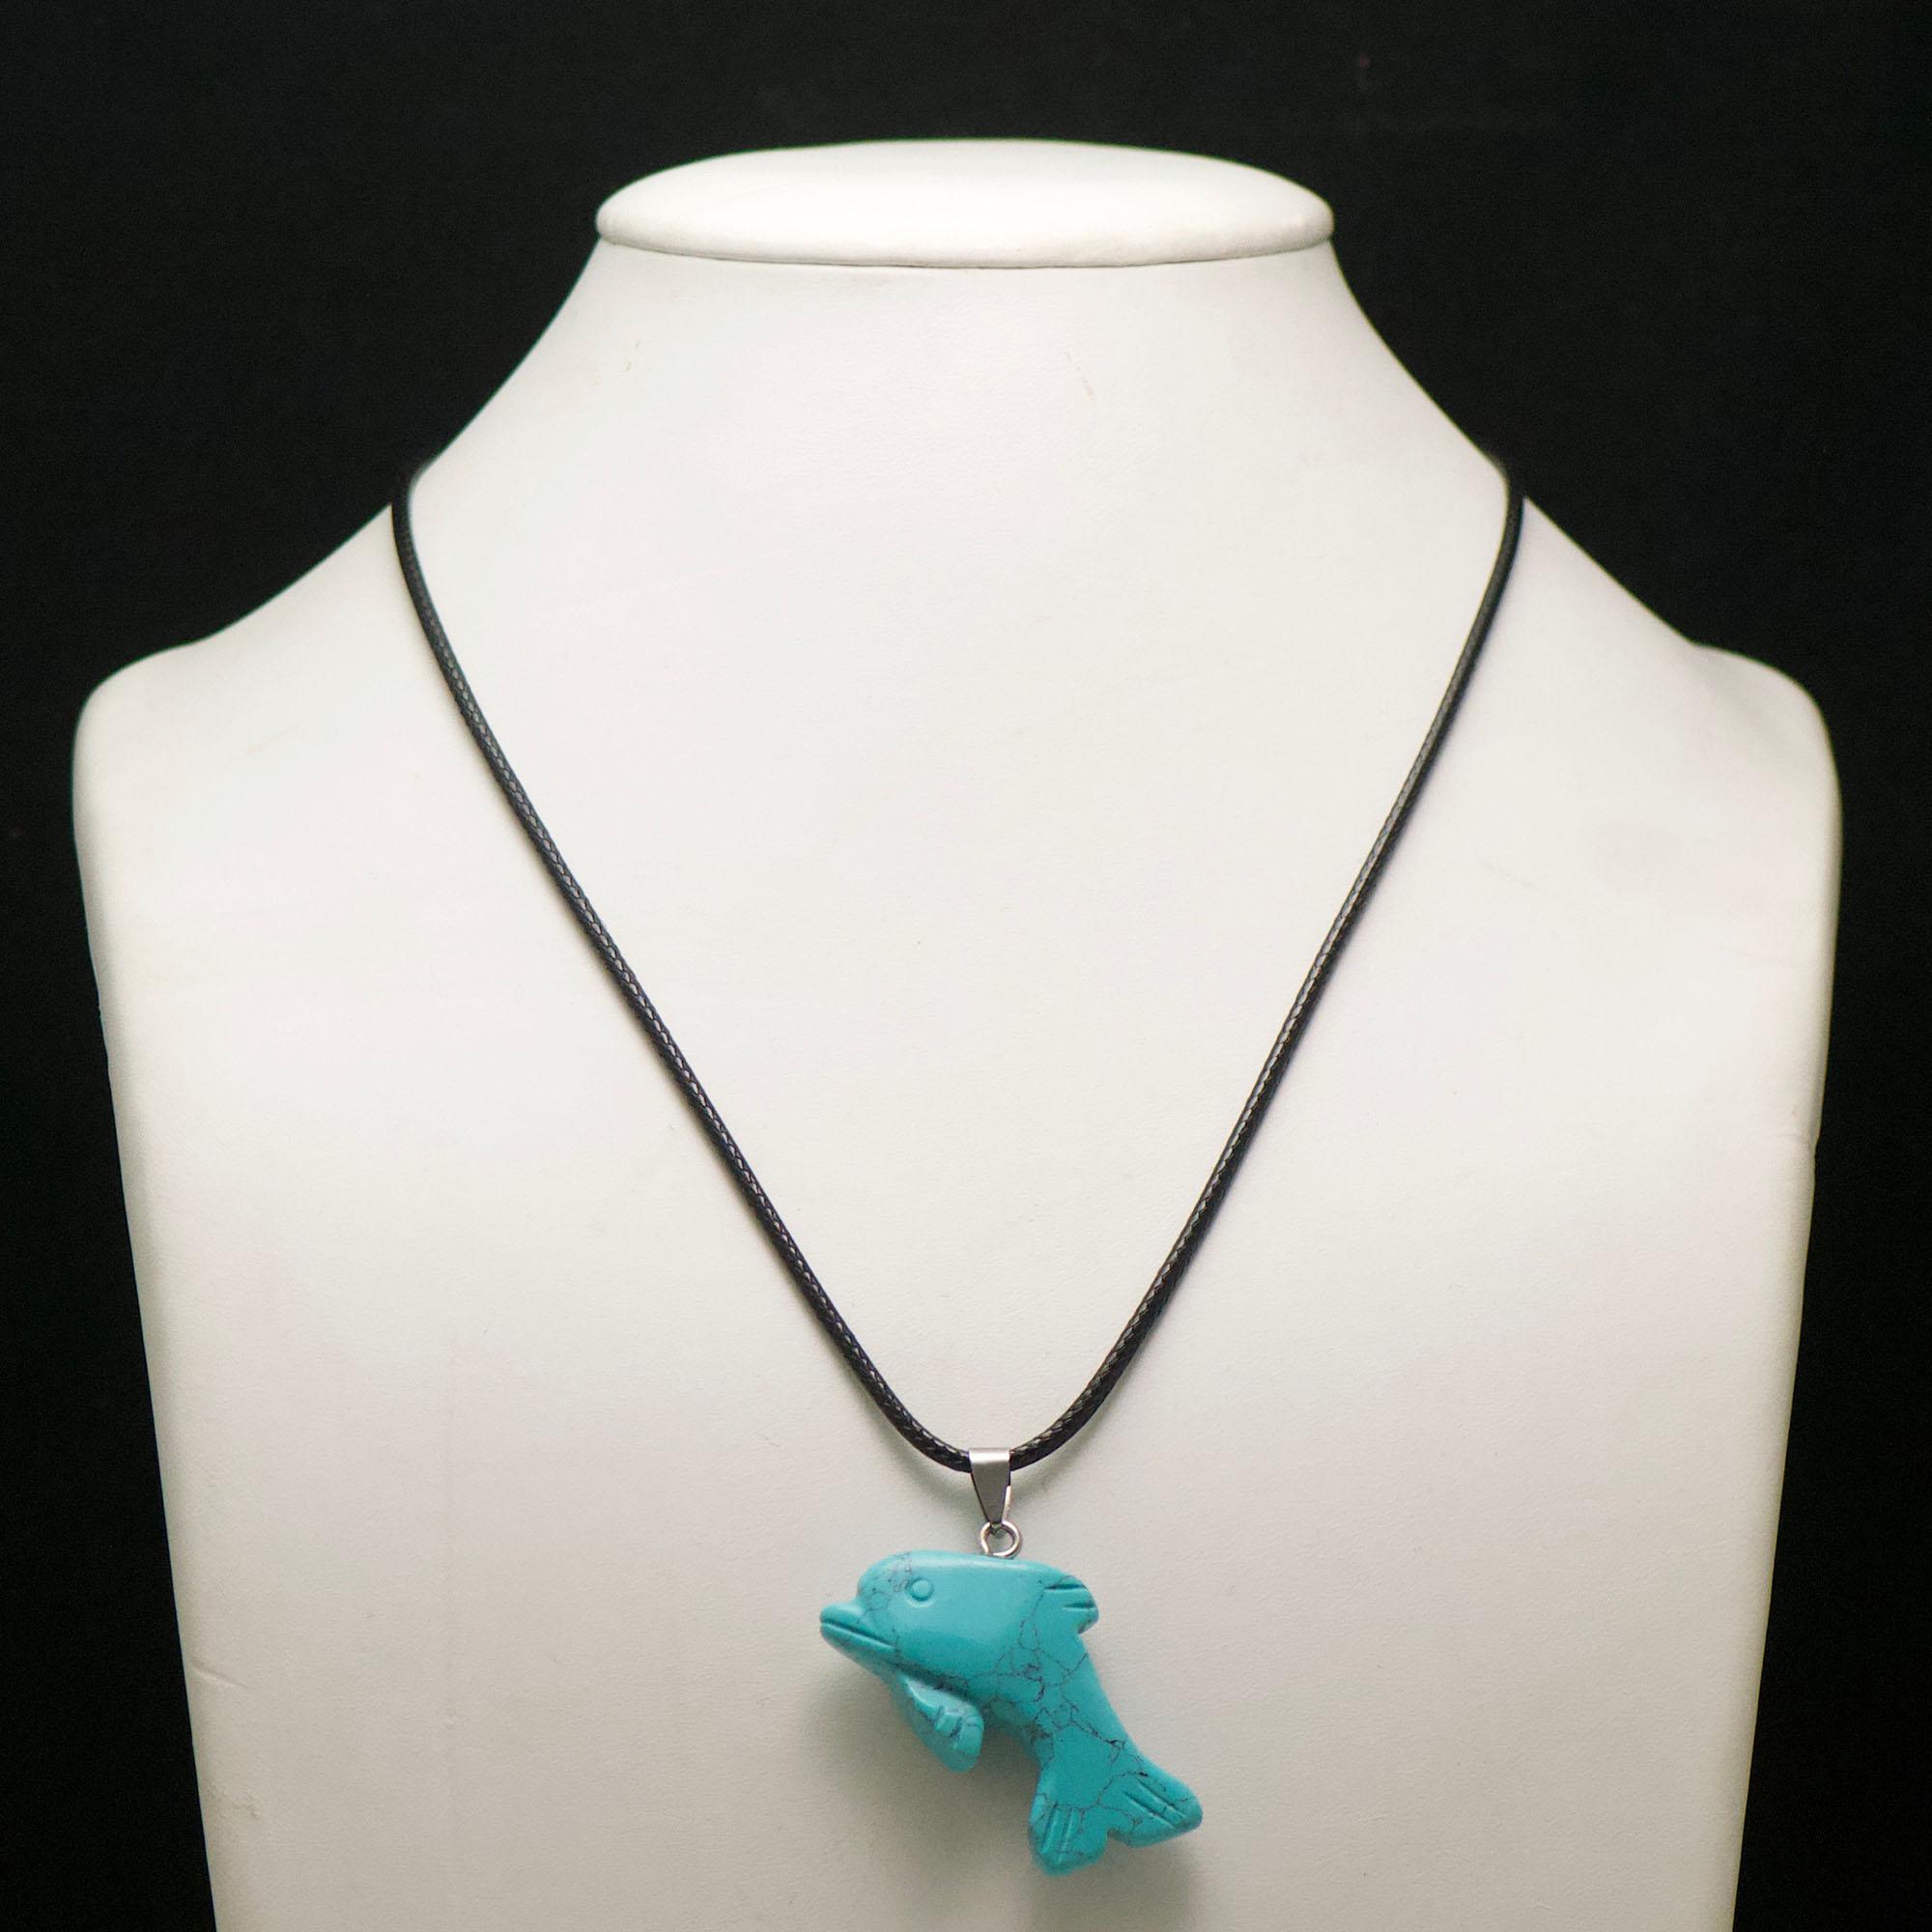 1 pendentif turquoise dauphin 45x24x9 mm, pierre minéraux naturelle